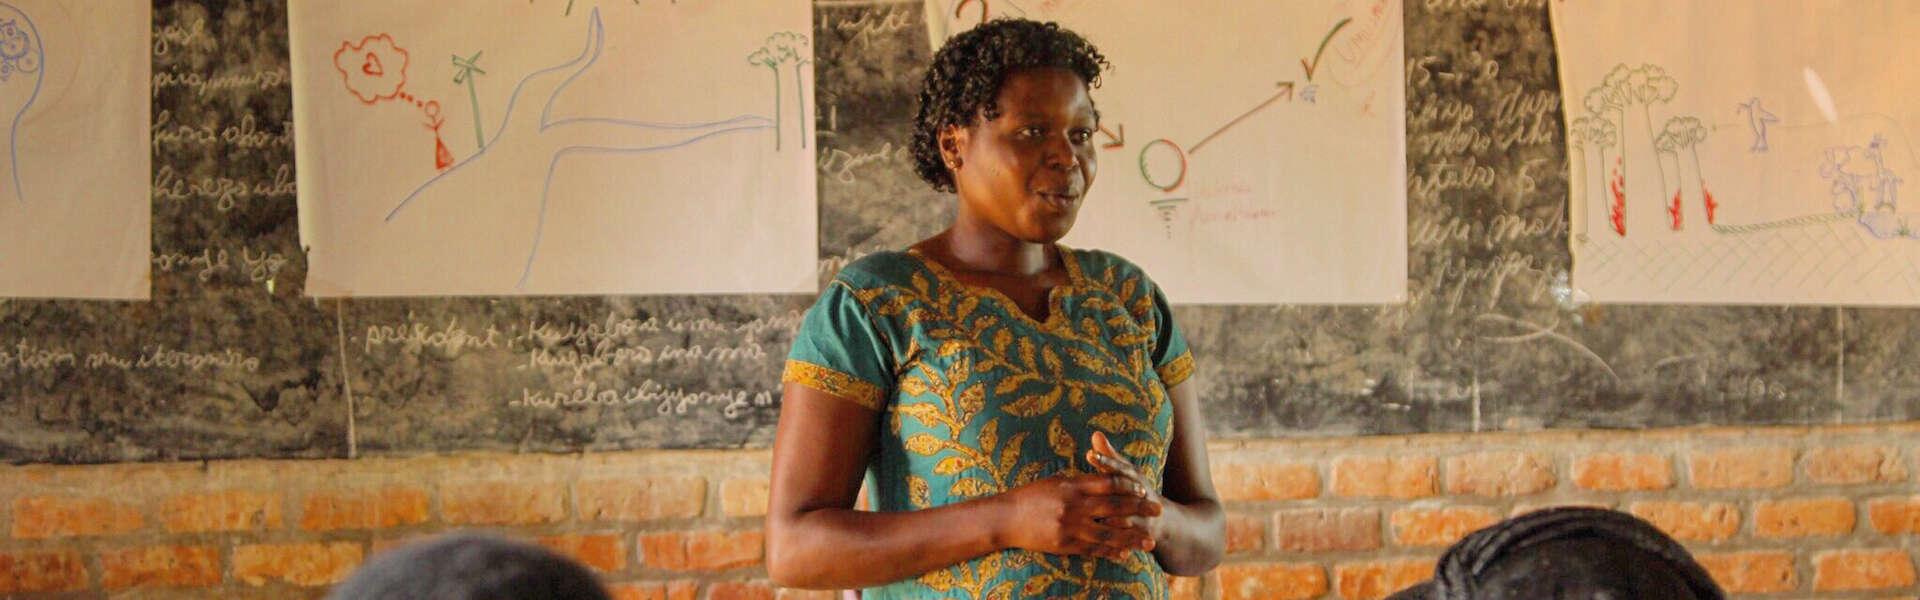 Woman in Resonate workshop